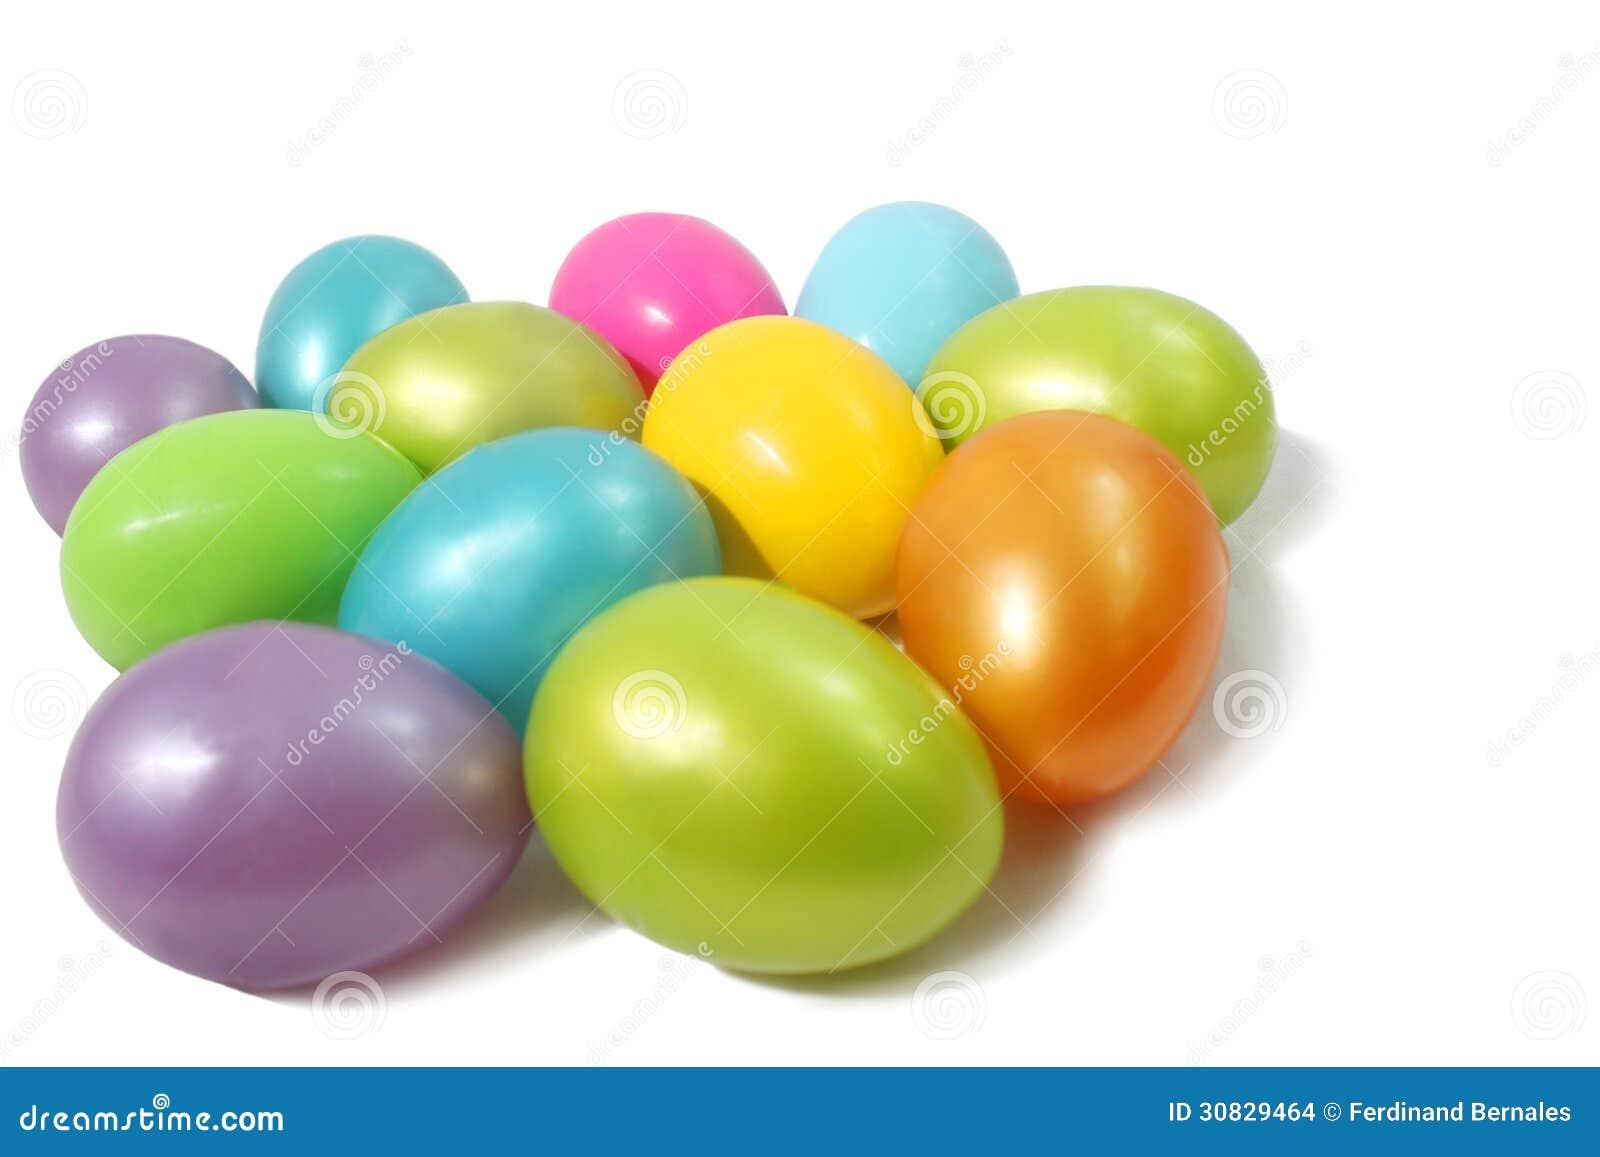 Uova di plastica colorate